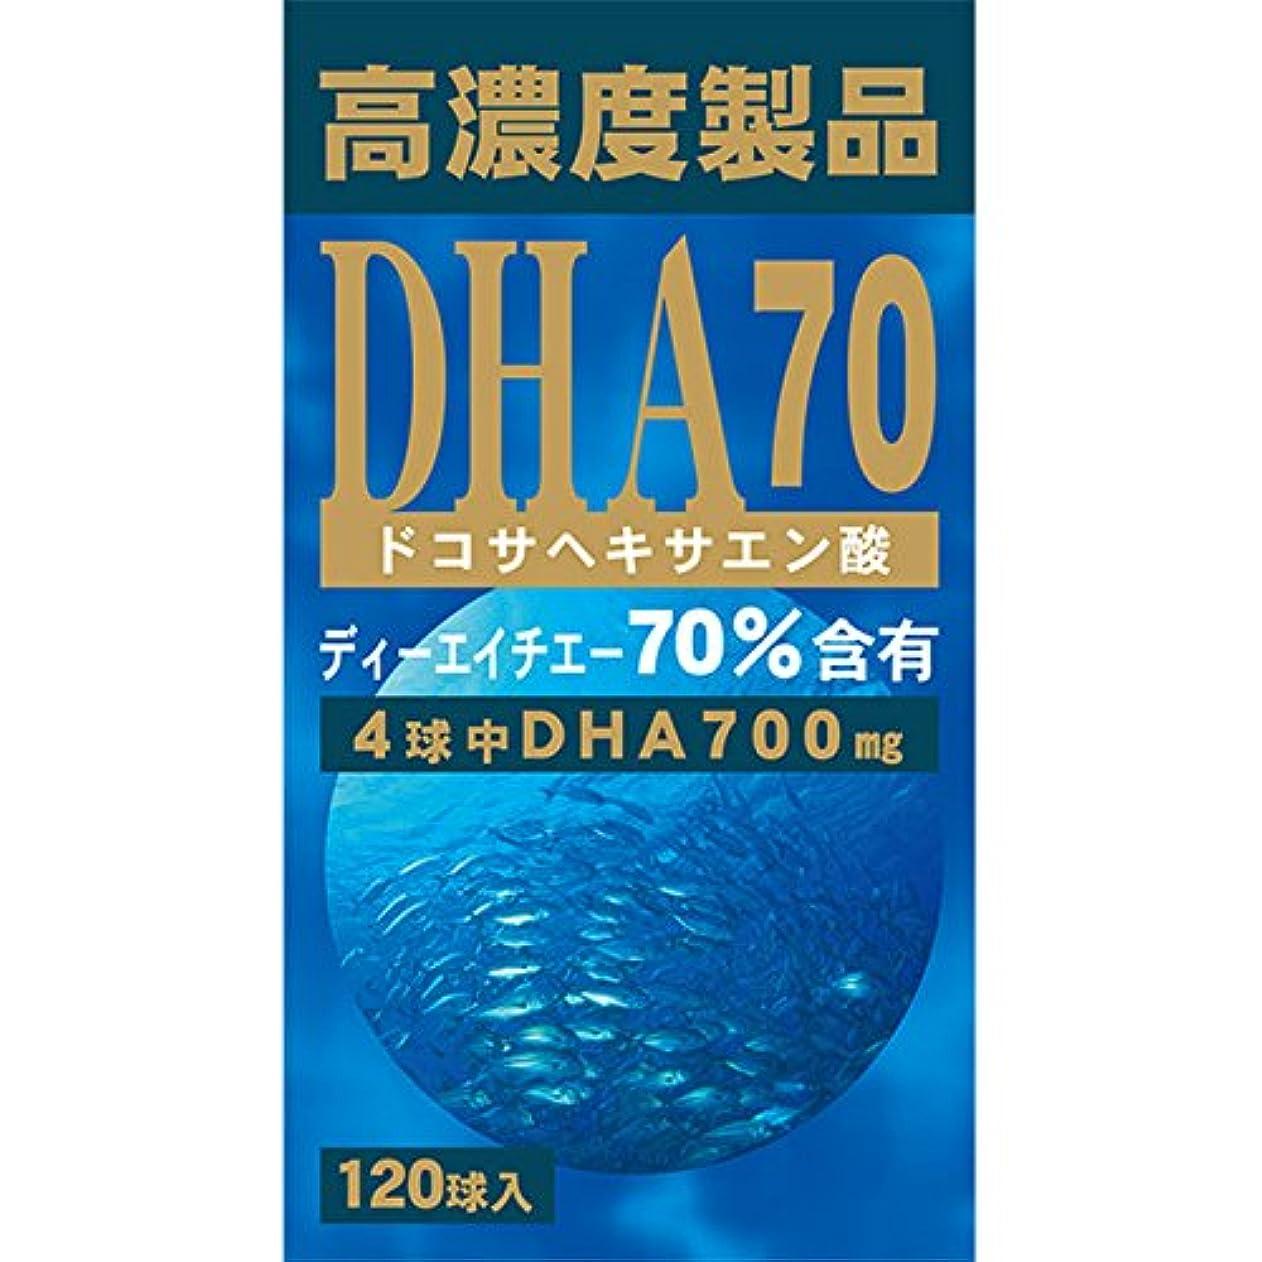 落ち着いた見込みイサカ高濃度DHA70 120球